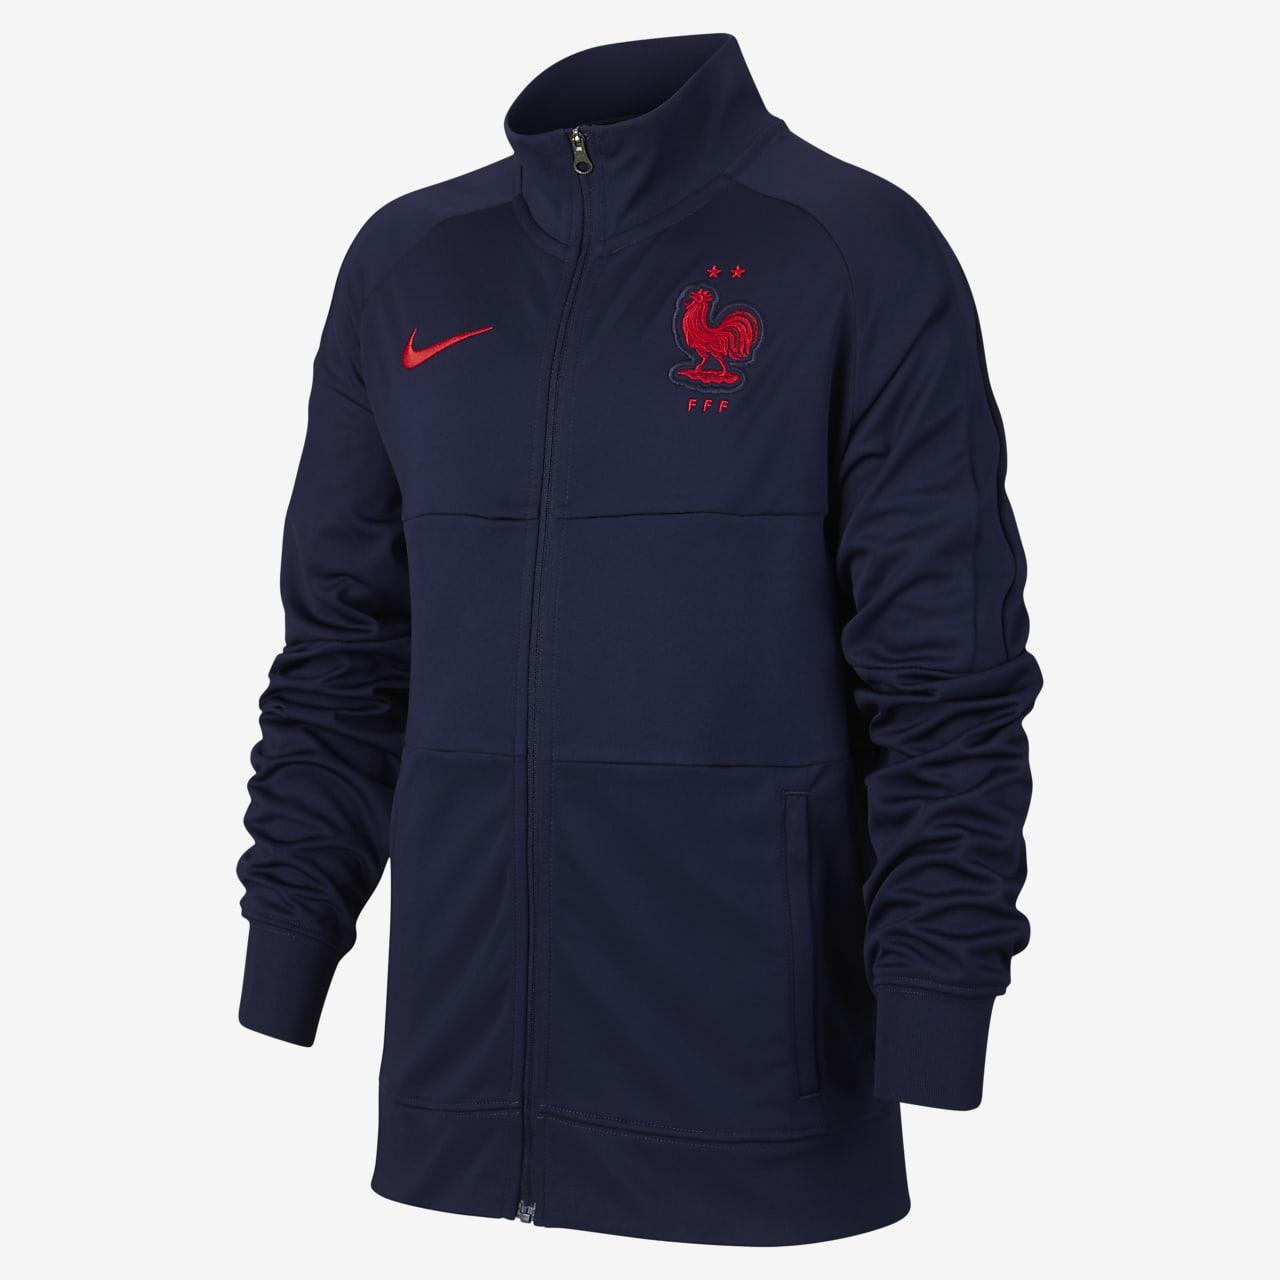 Frankreich Fußballjacke für ältere Kinder